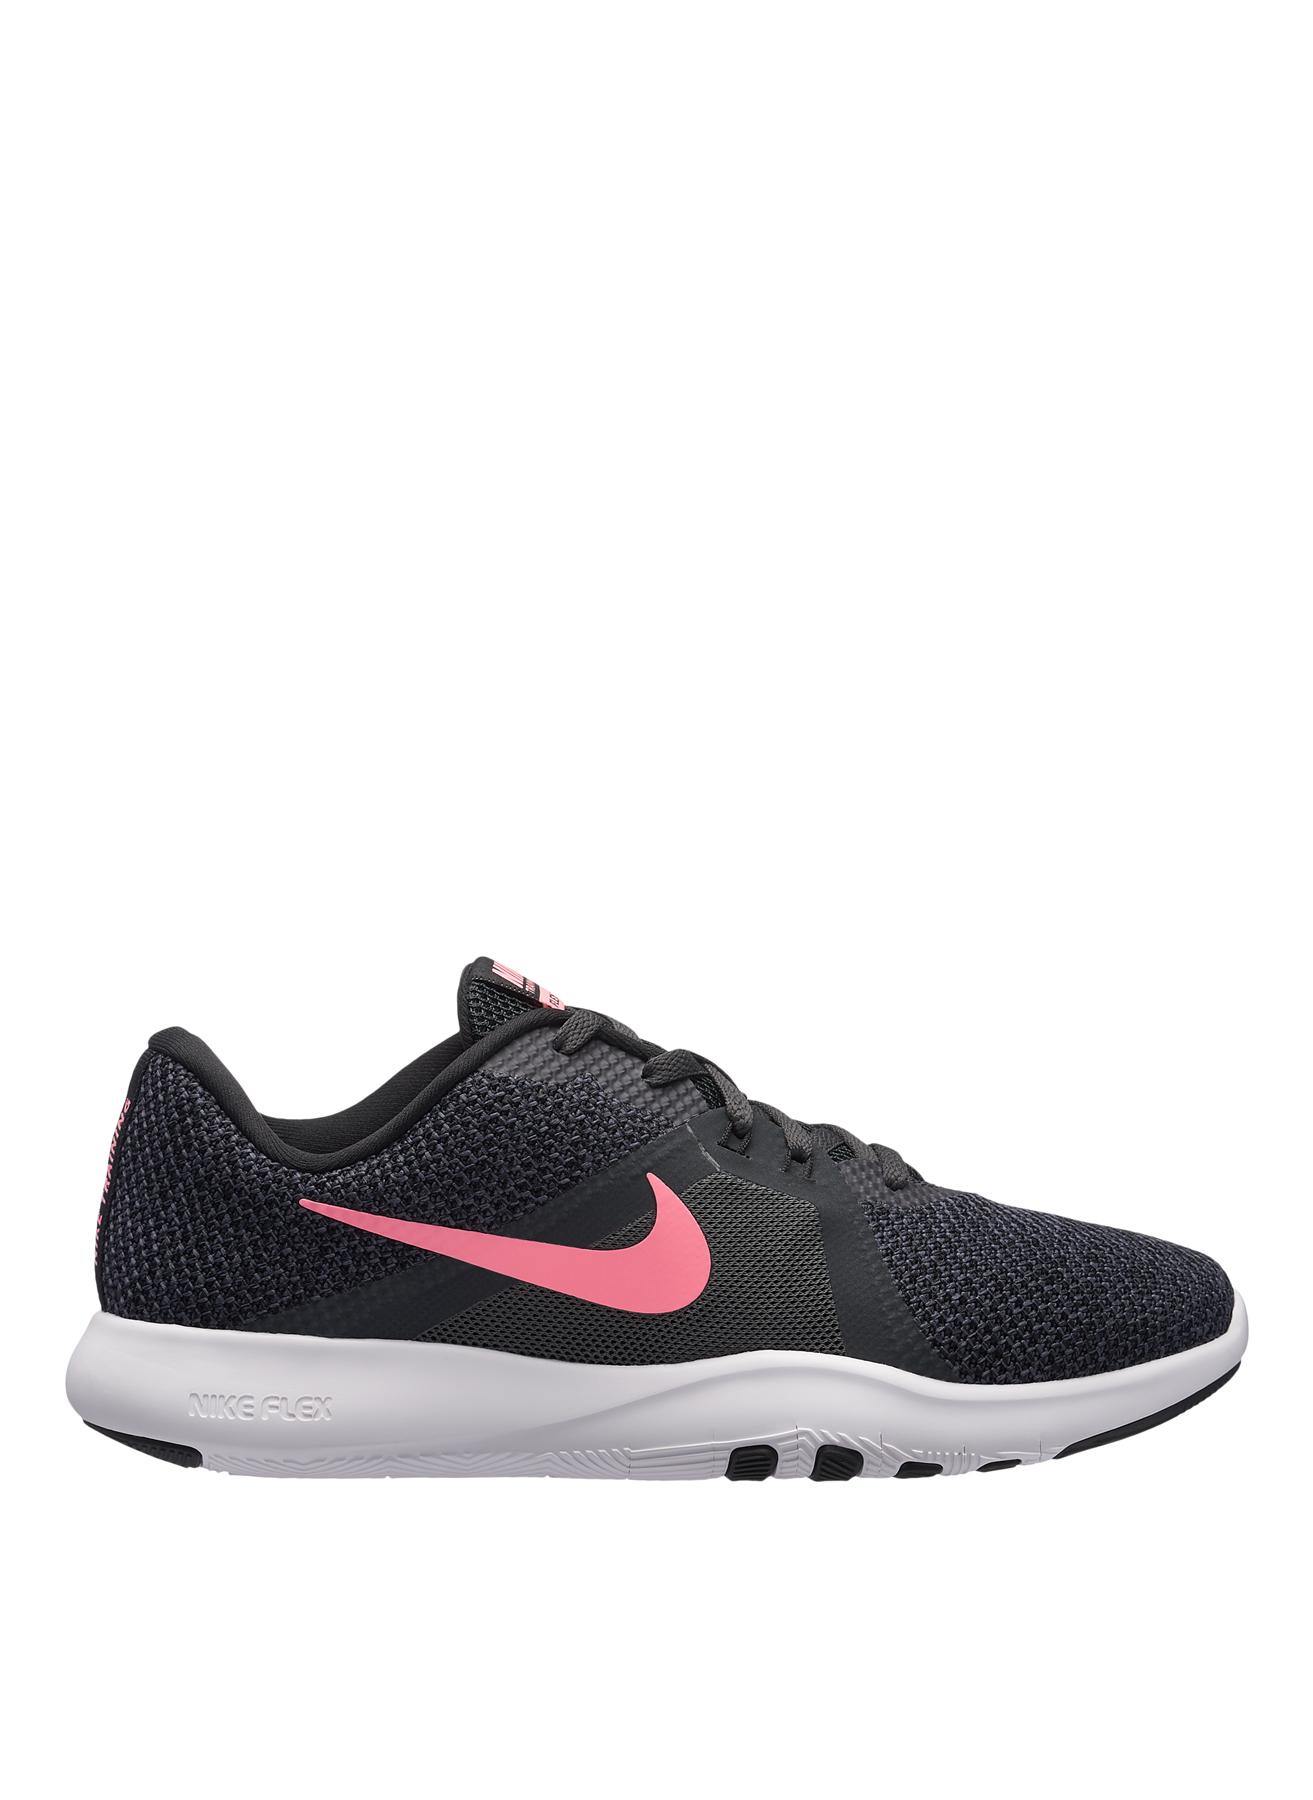 Nike Flex TR 8 Training Ayakkabısı 39 5000220135005 Ürün Resmi